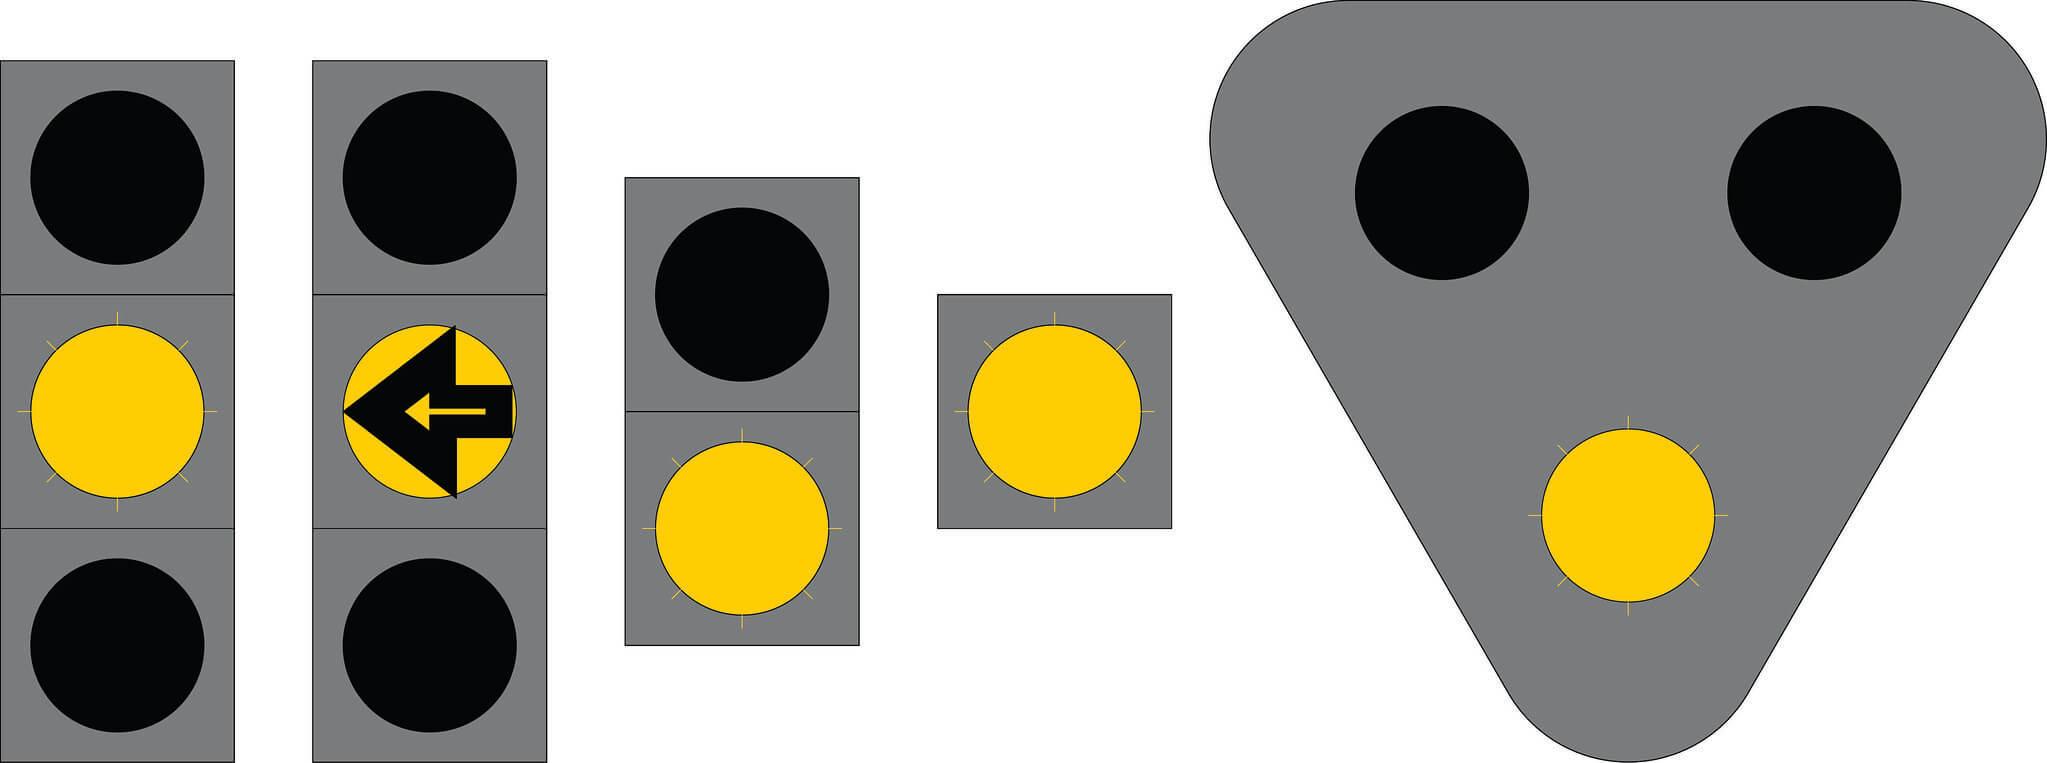 Liikennevalo-opastin 7:Vilkkuva keltainen valo